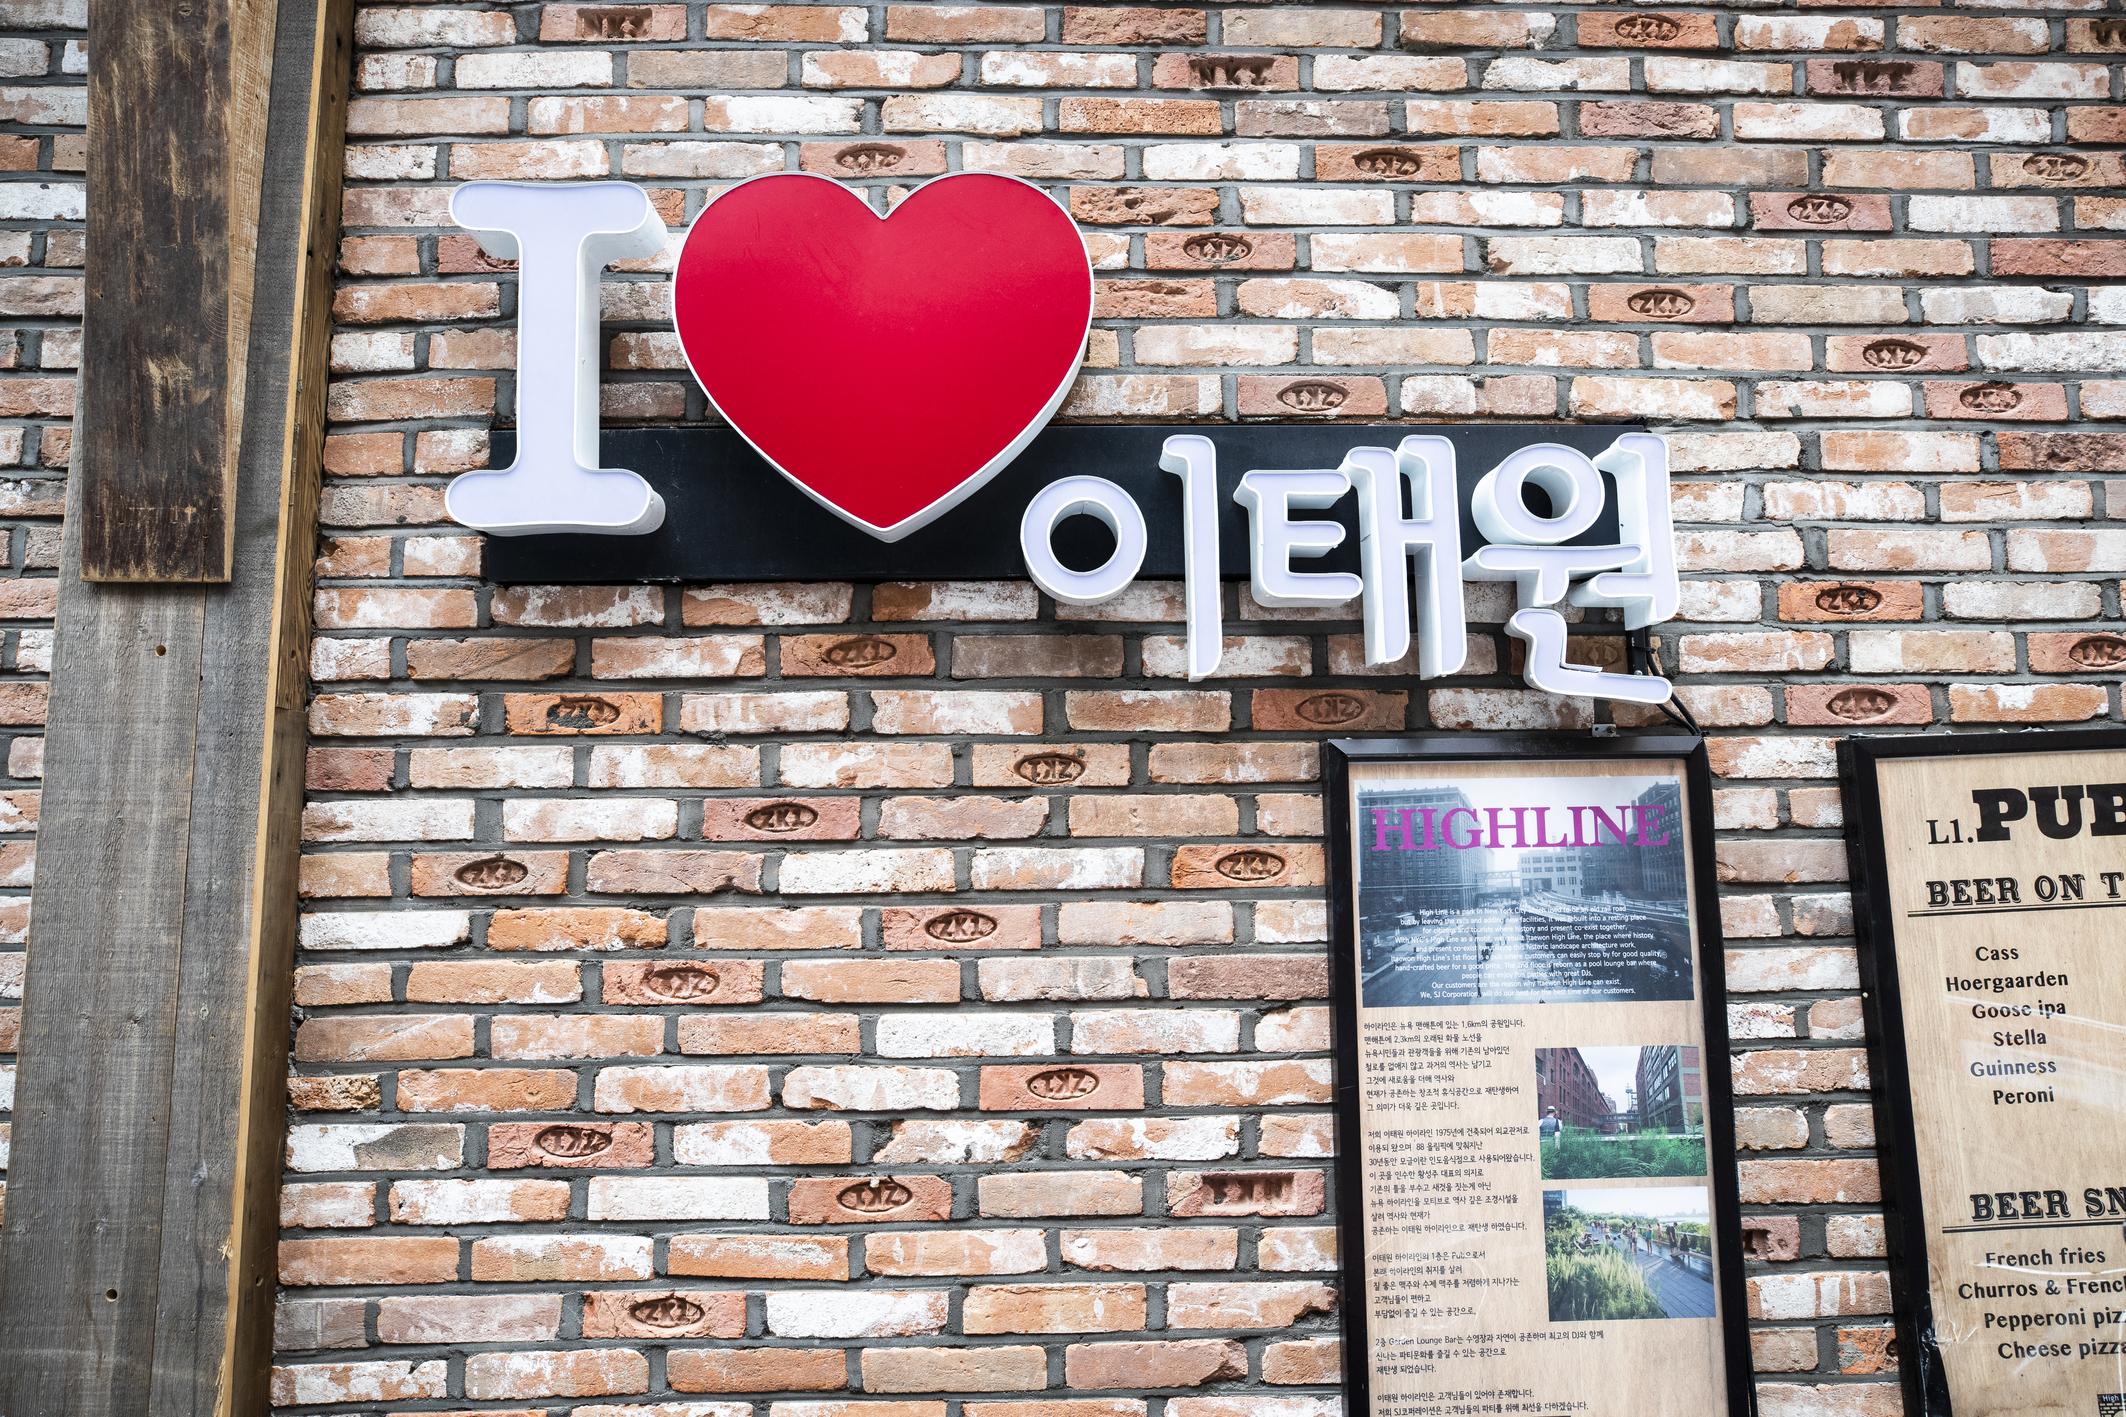 「人気ドラマ『梨泰院クラス』で知られる、ソウル市内「イテウォン」の風景」画像